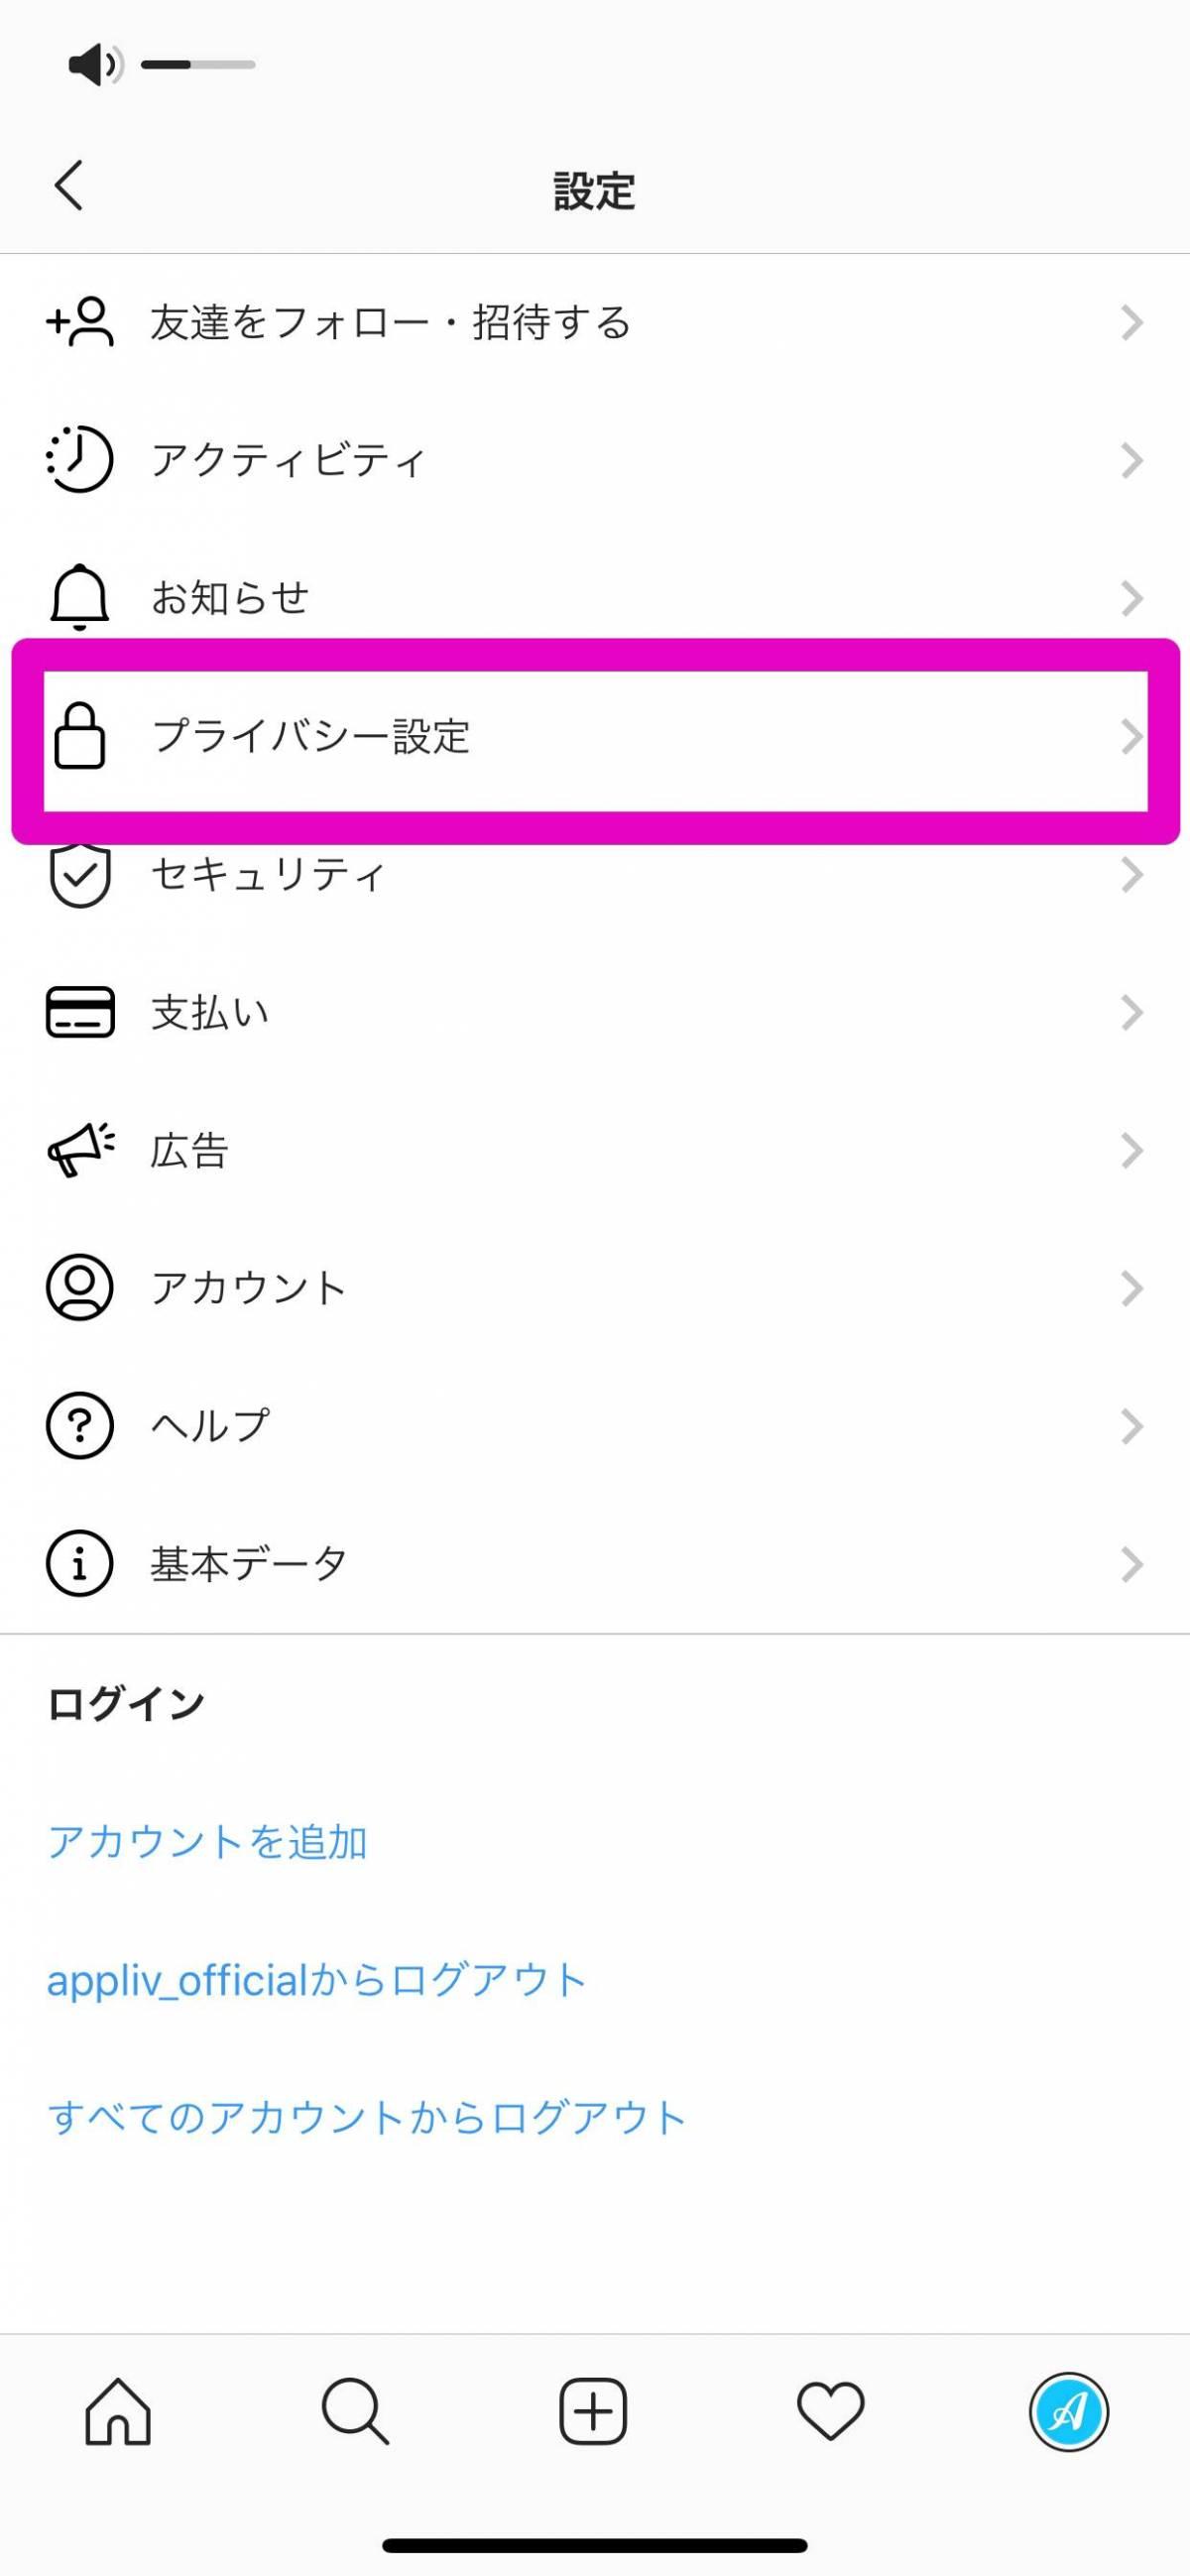 されない インスタ ライブ コメント 表示 インスタのコメントが見れない・表示されない原因や対処法!|アプリ村